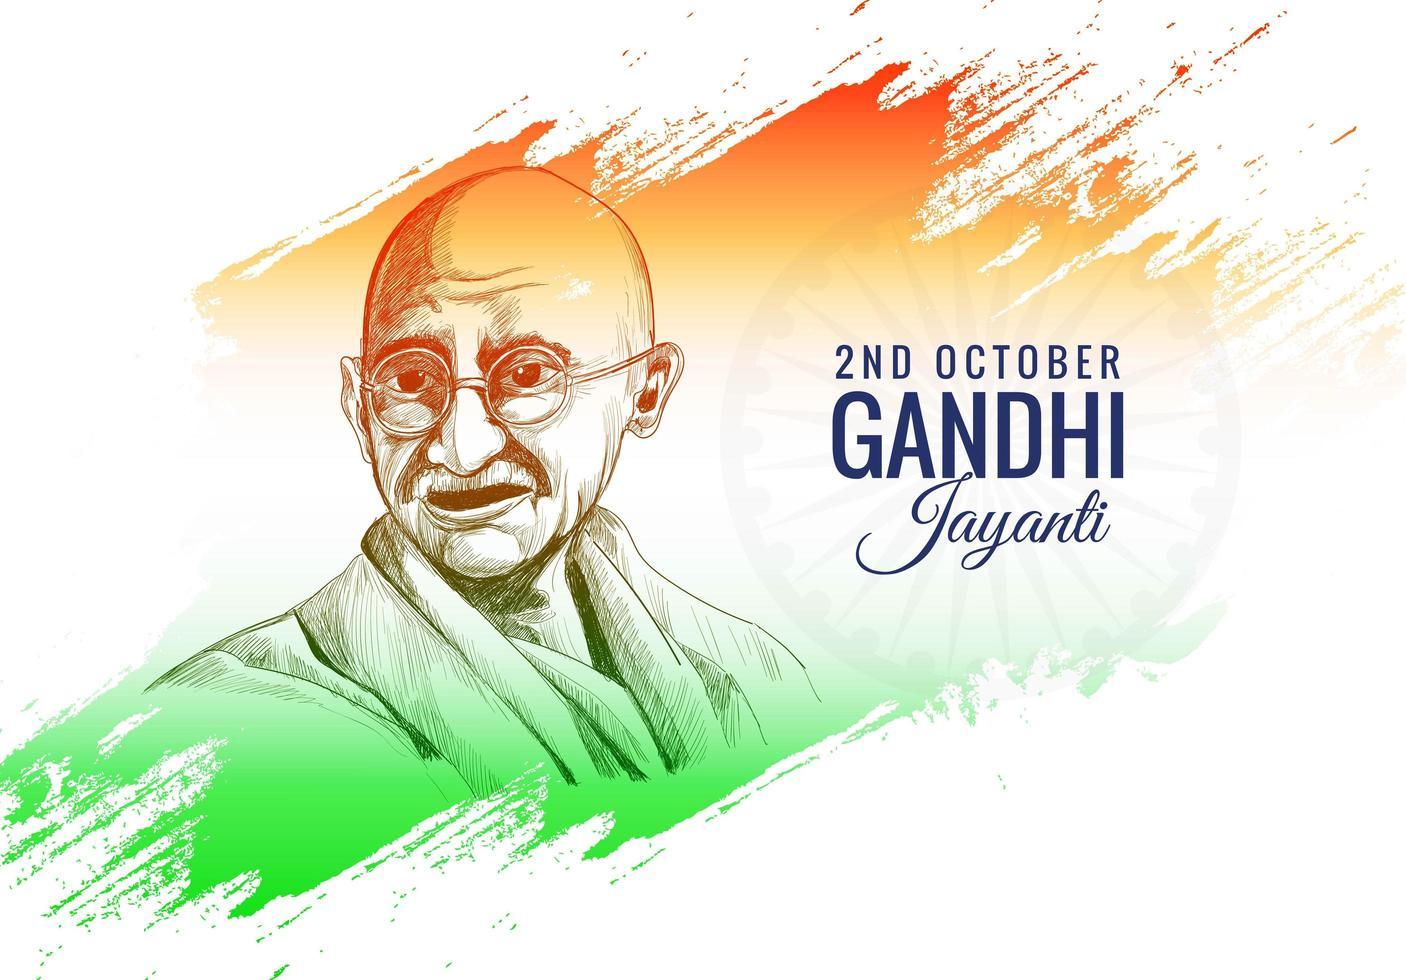 2 octobre gandhi jayanti affiche ou fond de bannière vecteur